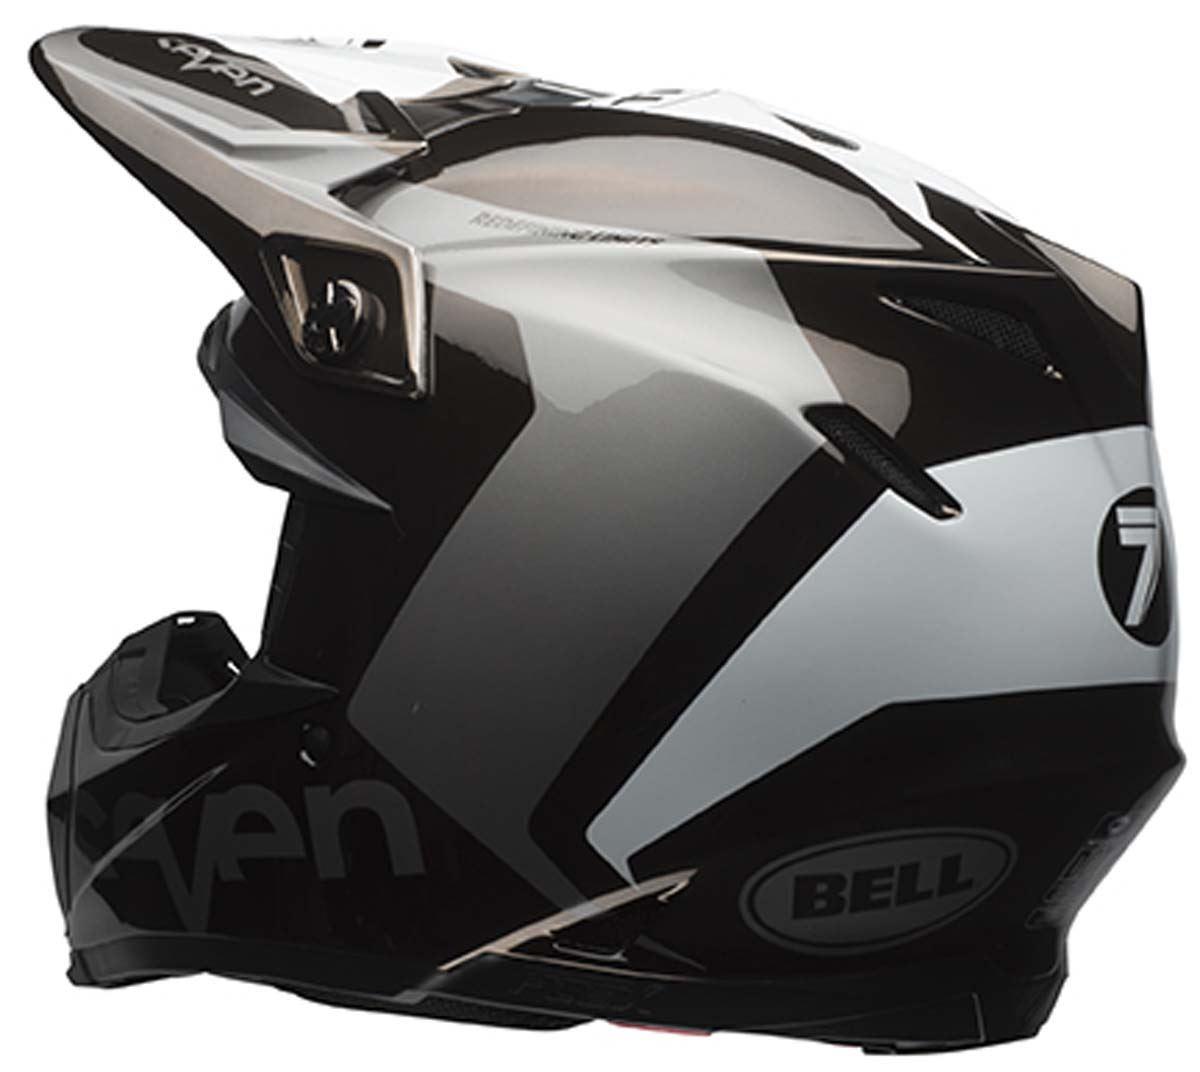 bell moto 9 carbon flex off road dirt bike motorcycle helmet ebay. Black Bedroom Furniture Sets. Home Design Ideas